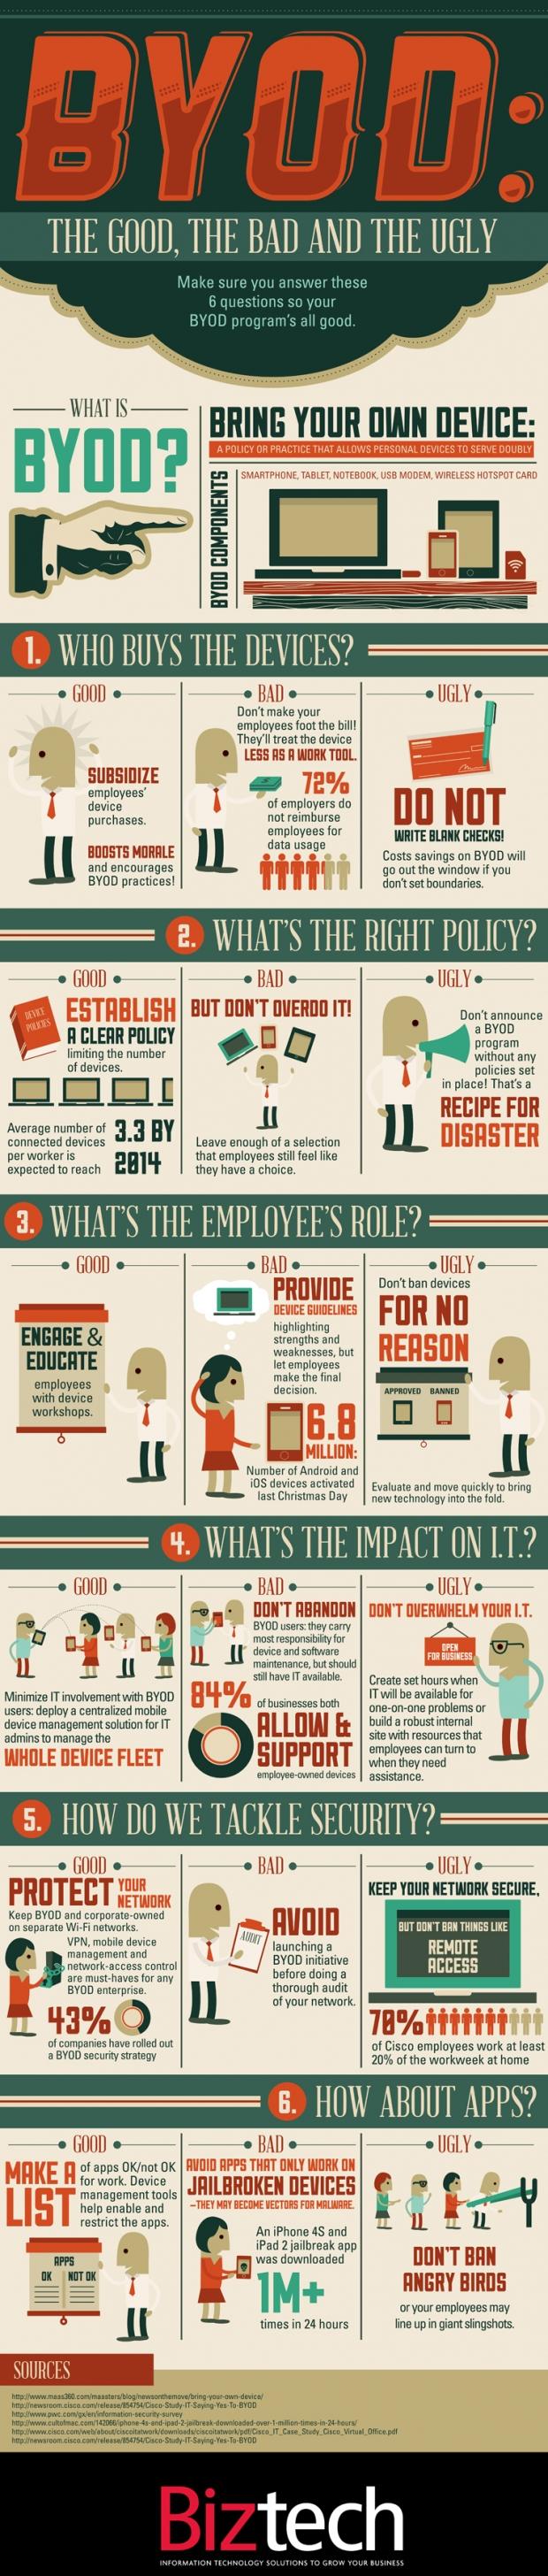 byod-biztech-infographic-750